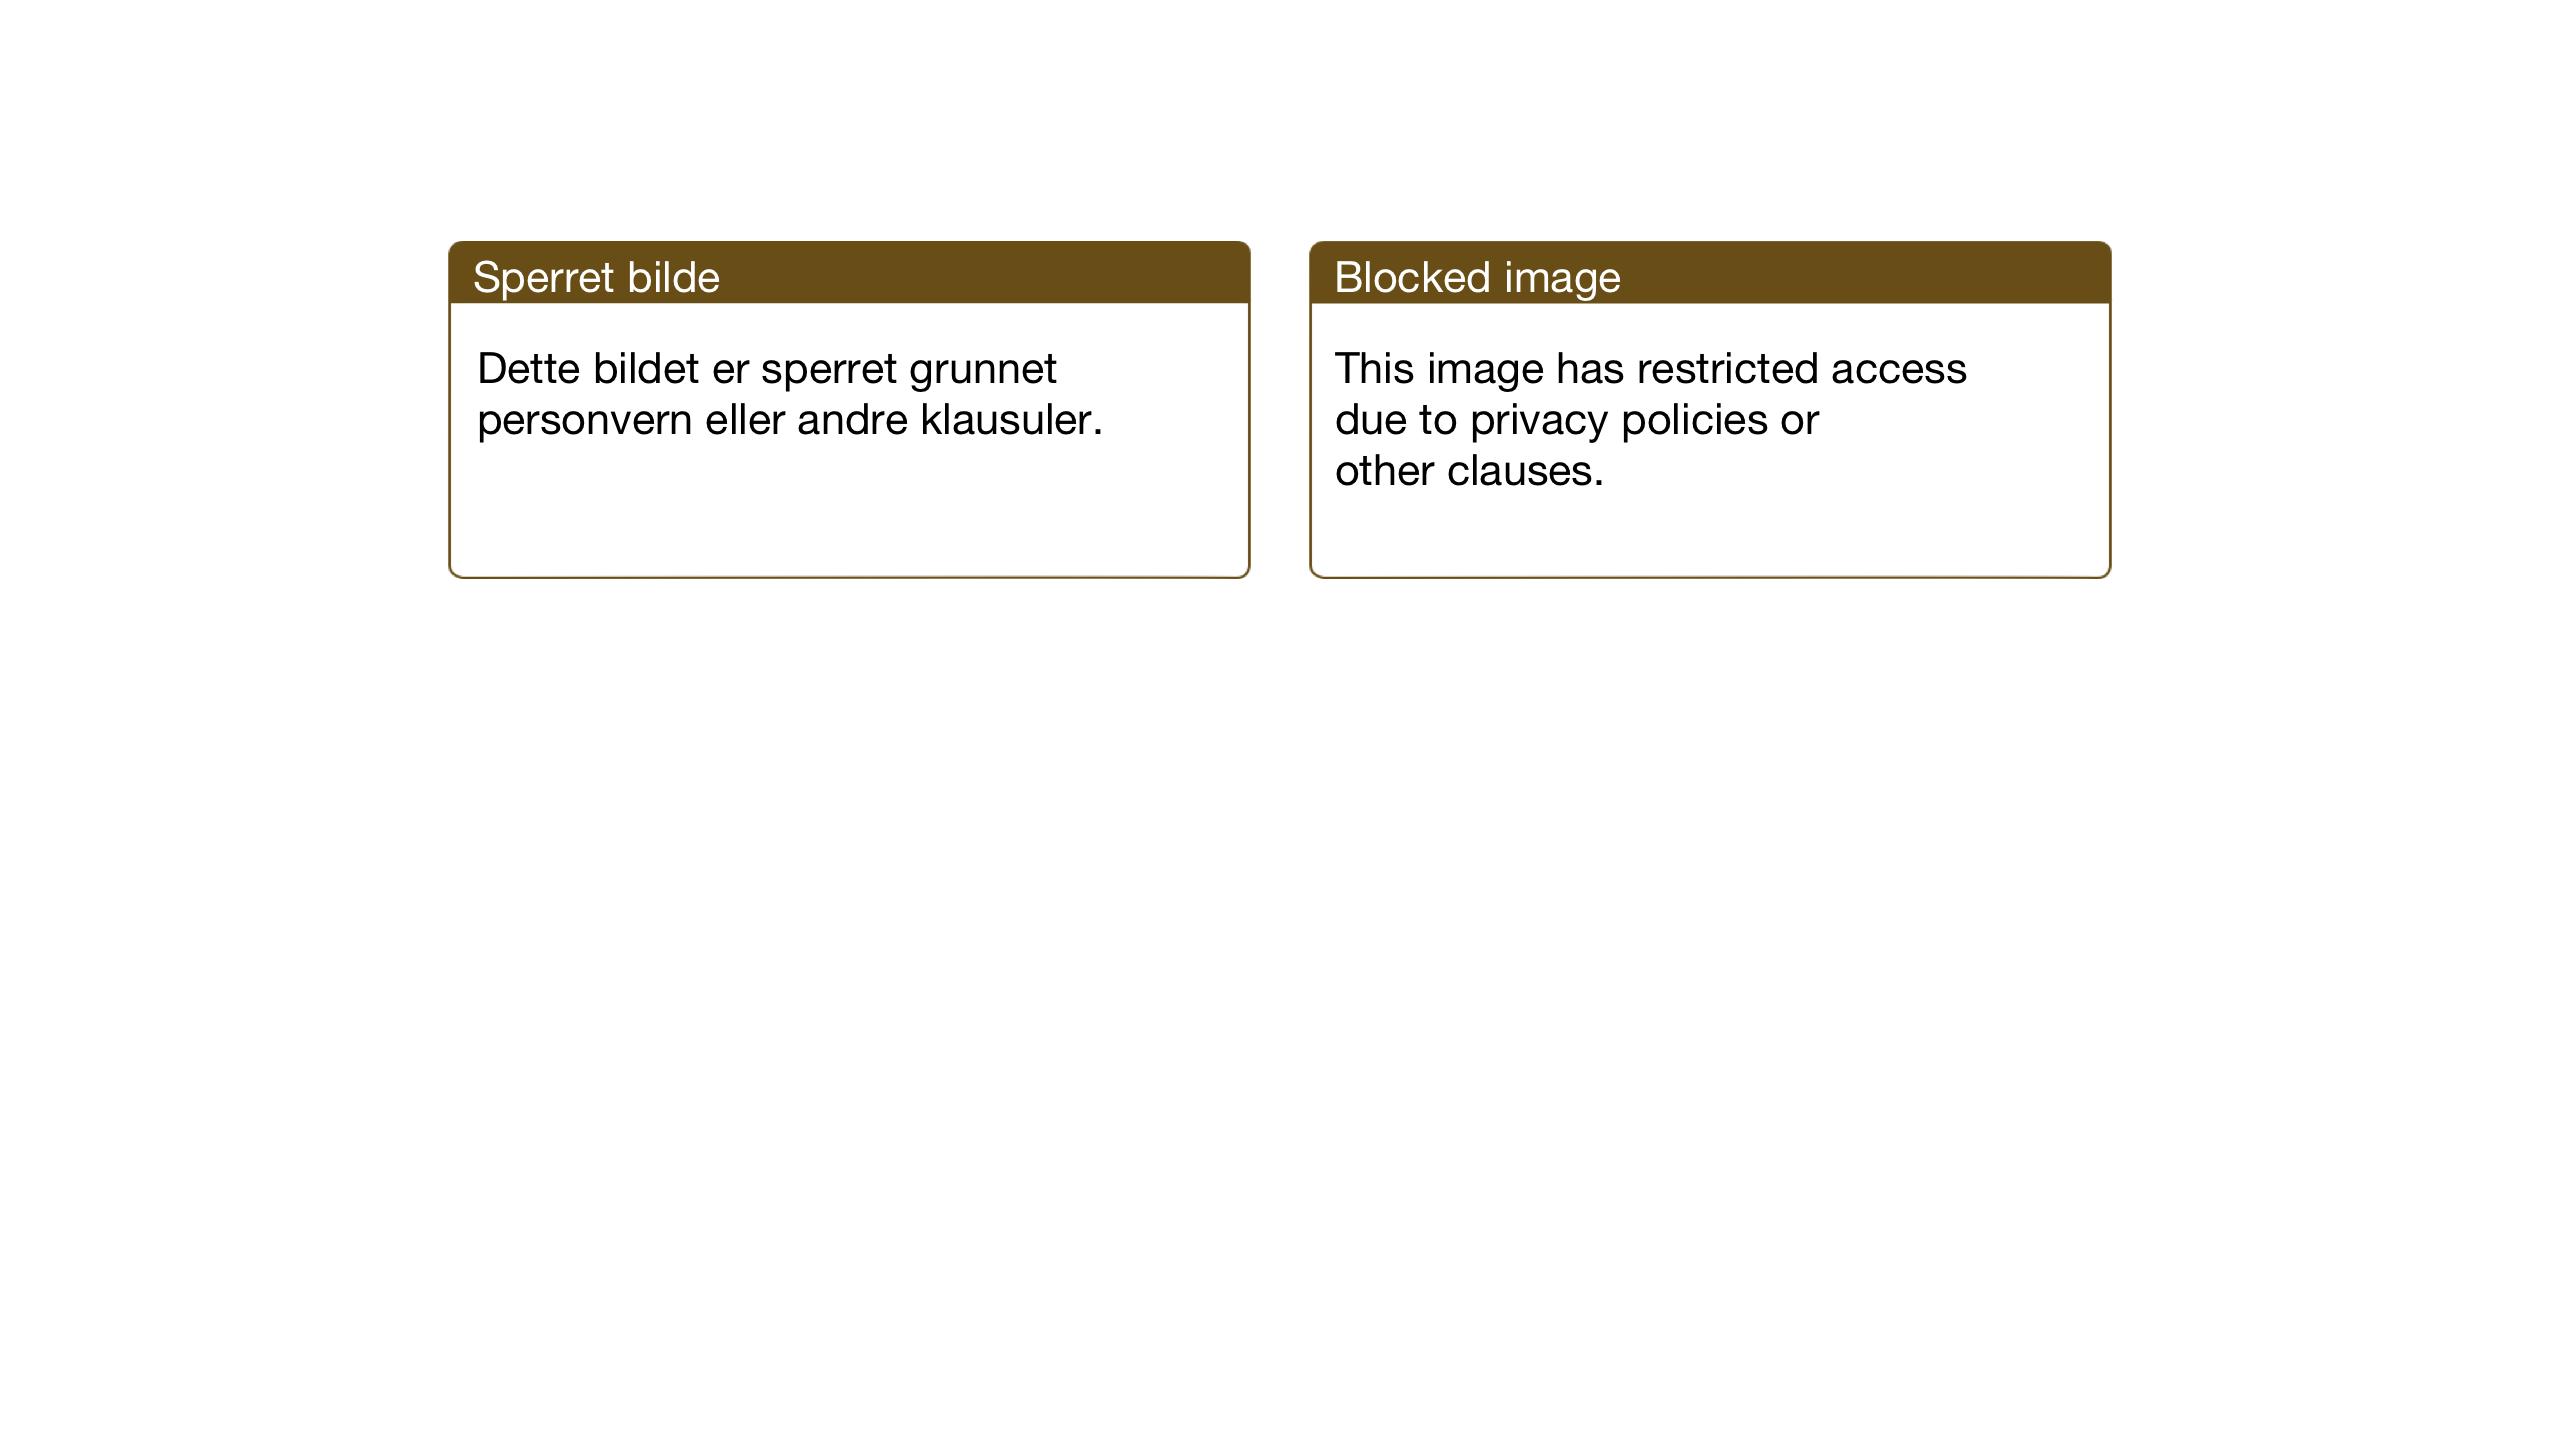 SAT, Ministerialprotokoller, klokkerbøker og fødselsregistre - Sør-Trøndelag, 651/L0648: Klokkerbok nr. 651C02, 1915-1945, s. 64